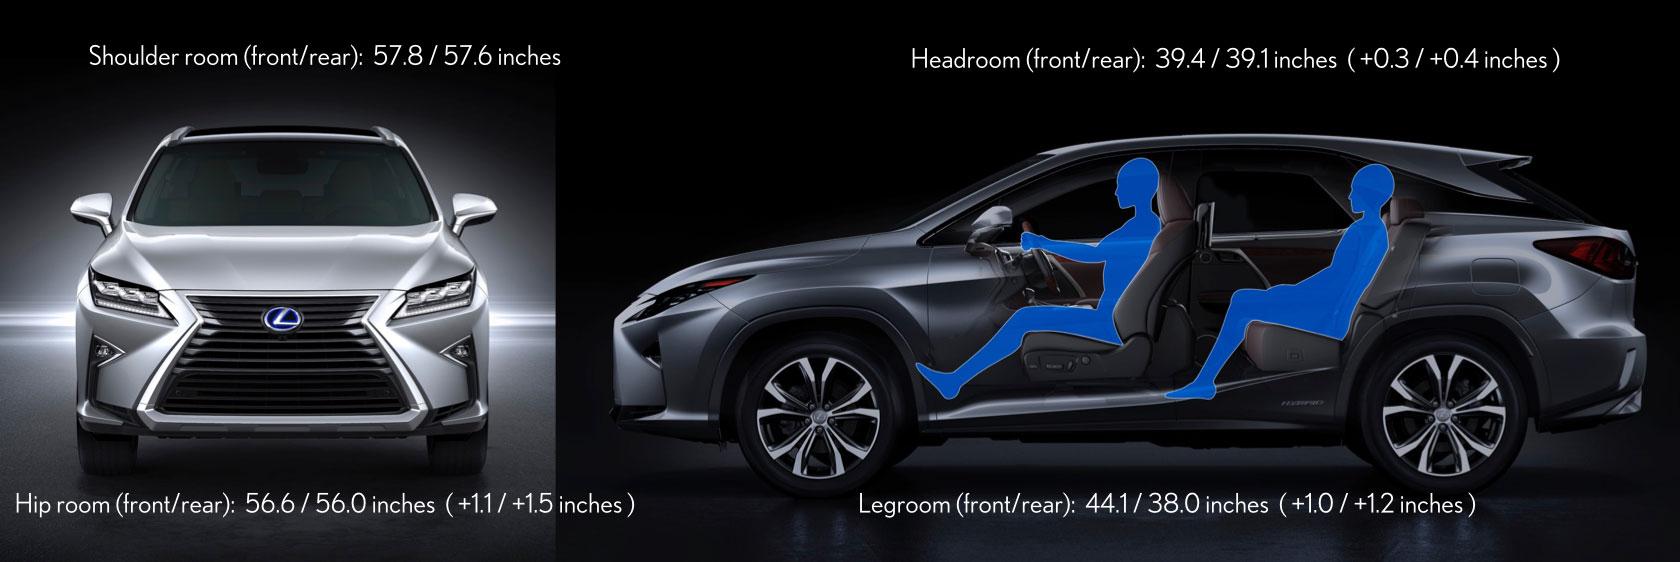 Lexus Rx Interior Dimensions